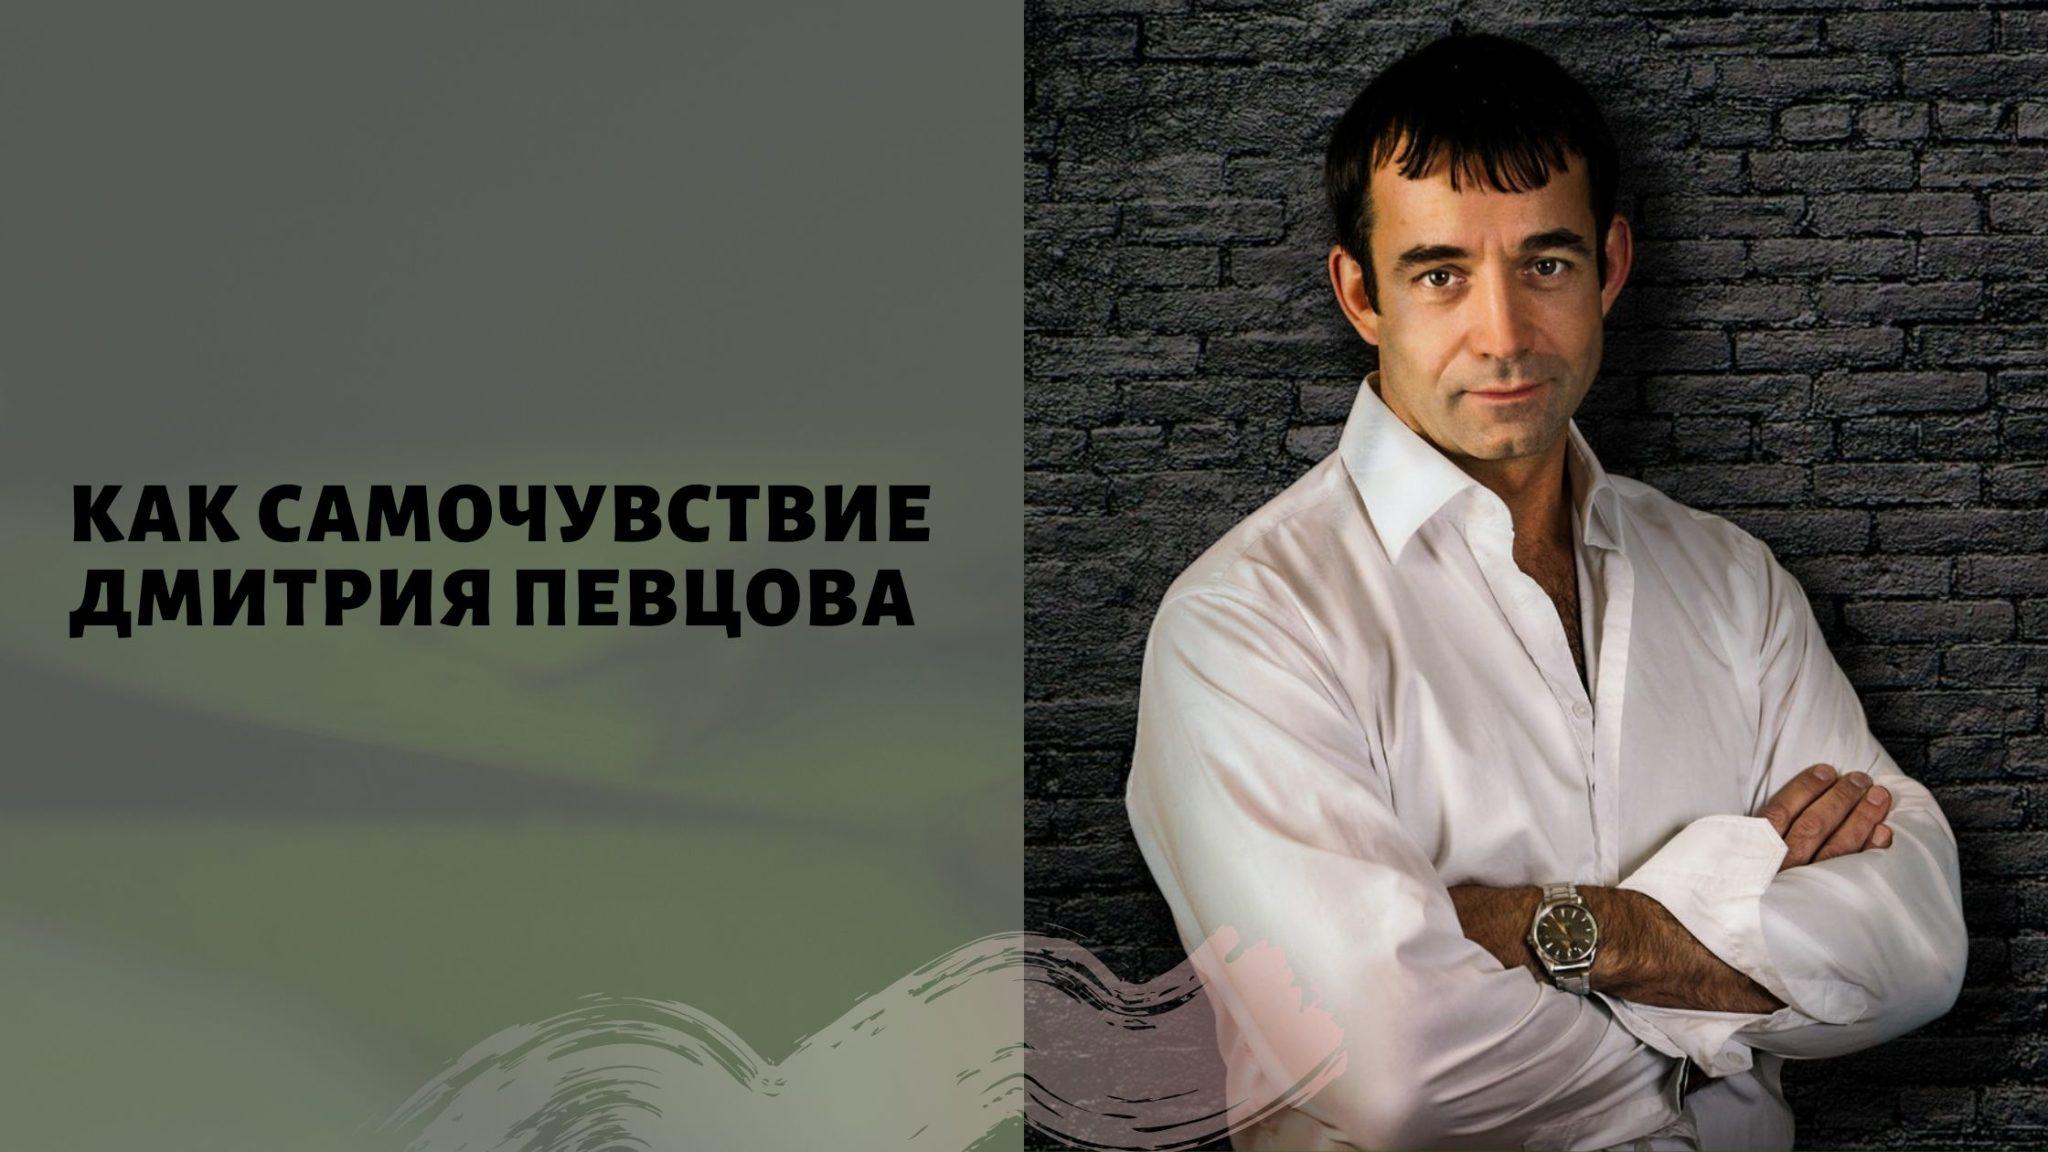 Дмитрий Певцов заболел коронавирусом: правда или нет, состояние на сегодня